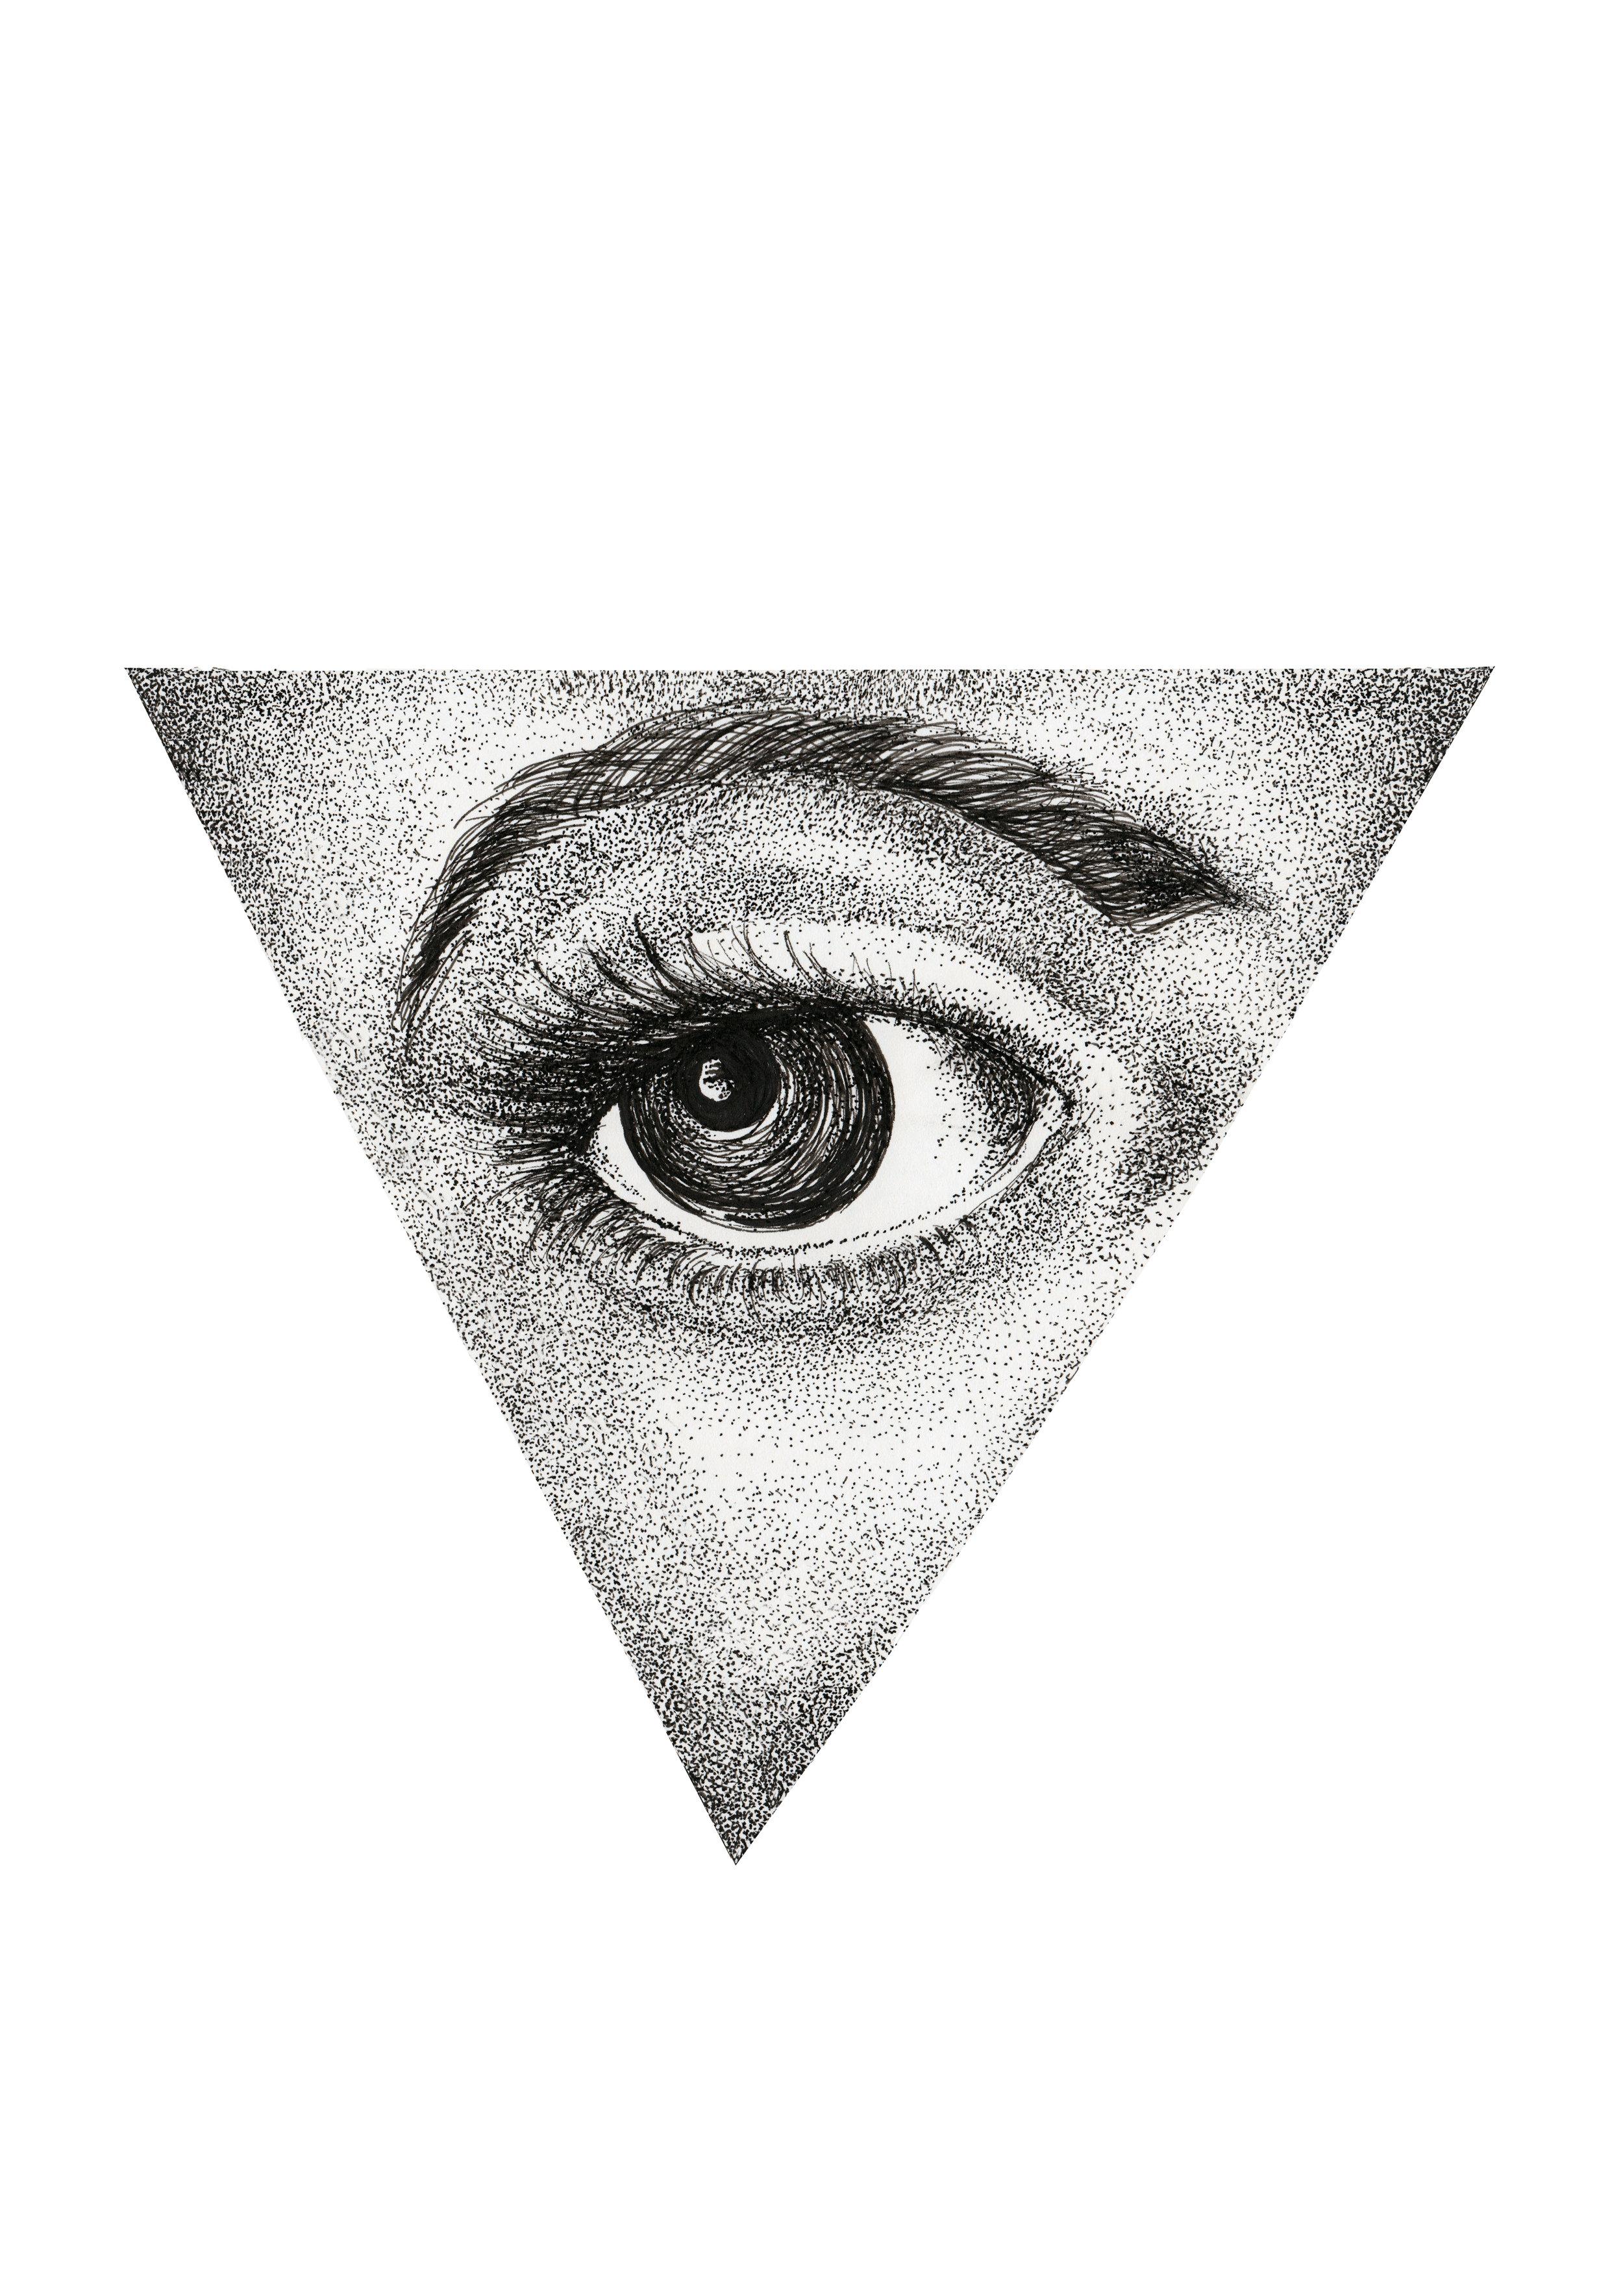 Ana Petre - 2 - We are Awakened.jpg